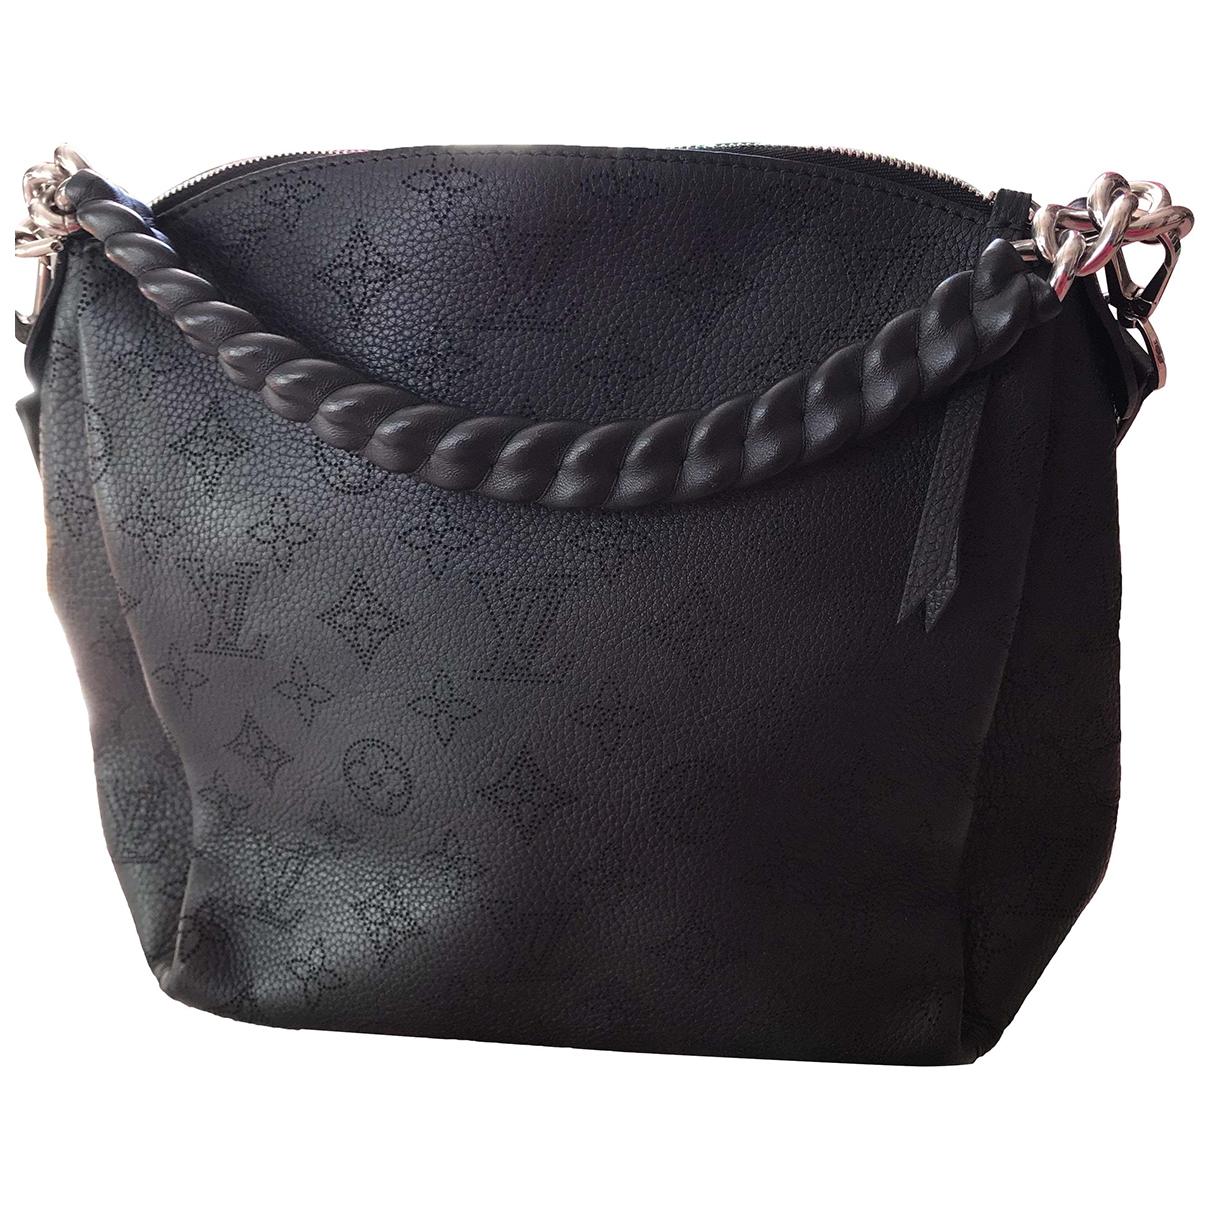 Louis Vuitton Babylone Handtasche in  Schwarz Leder